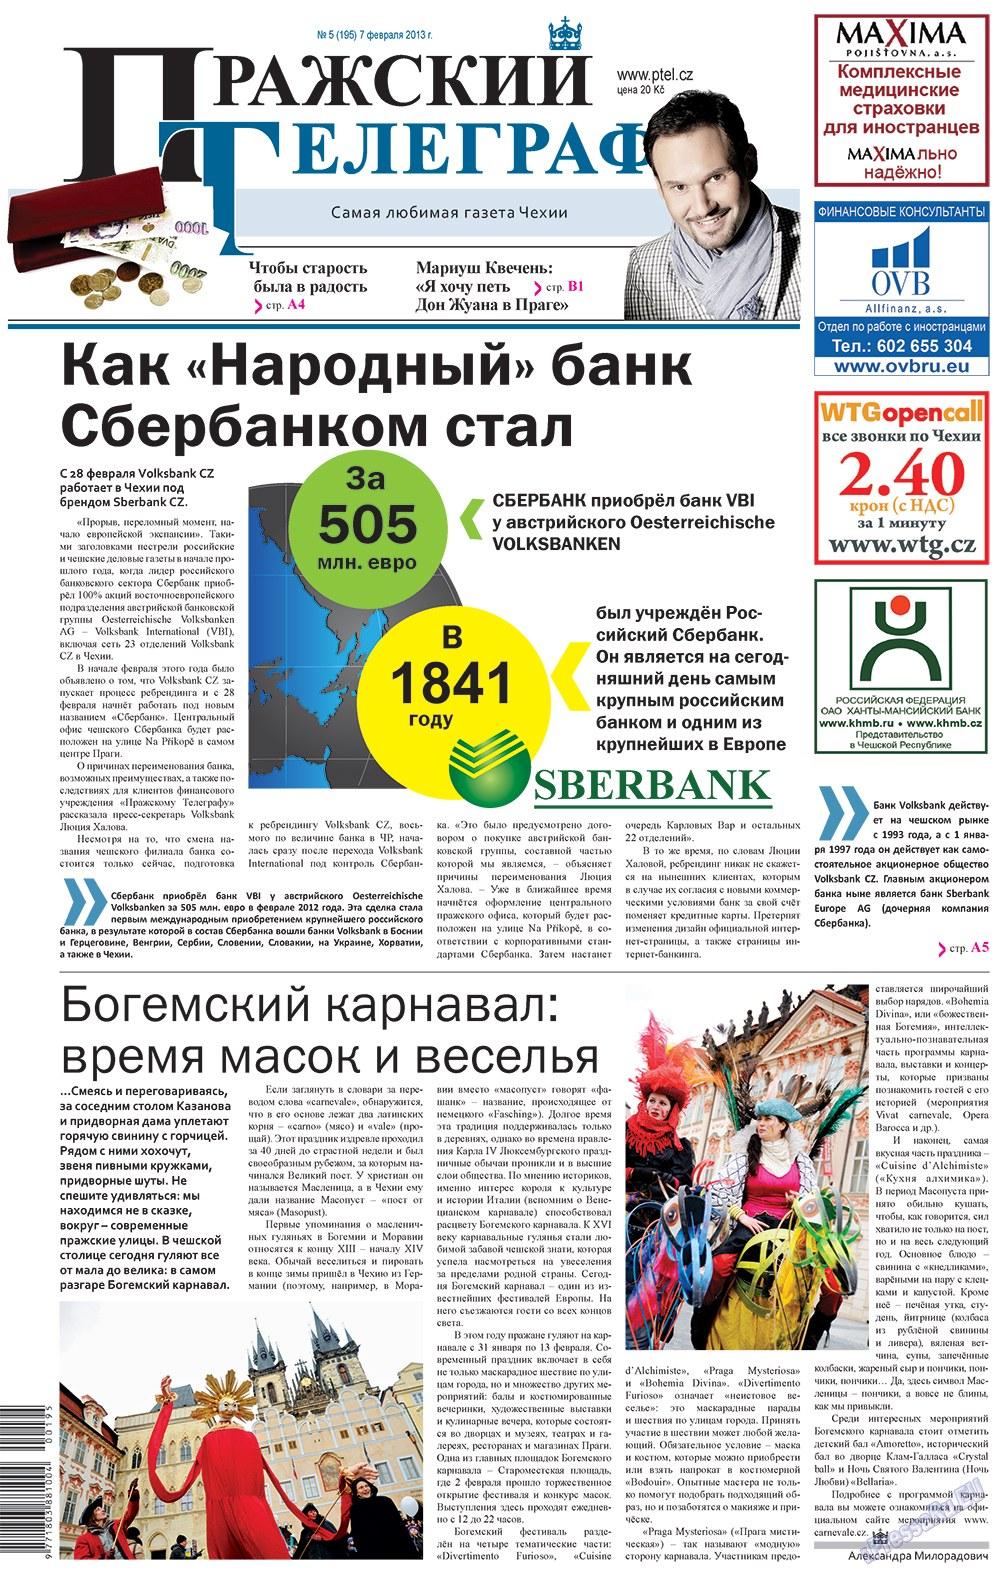 Пражский телеграф (газета). 2013 год, номер 5, стр. 1